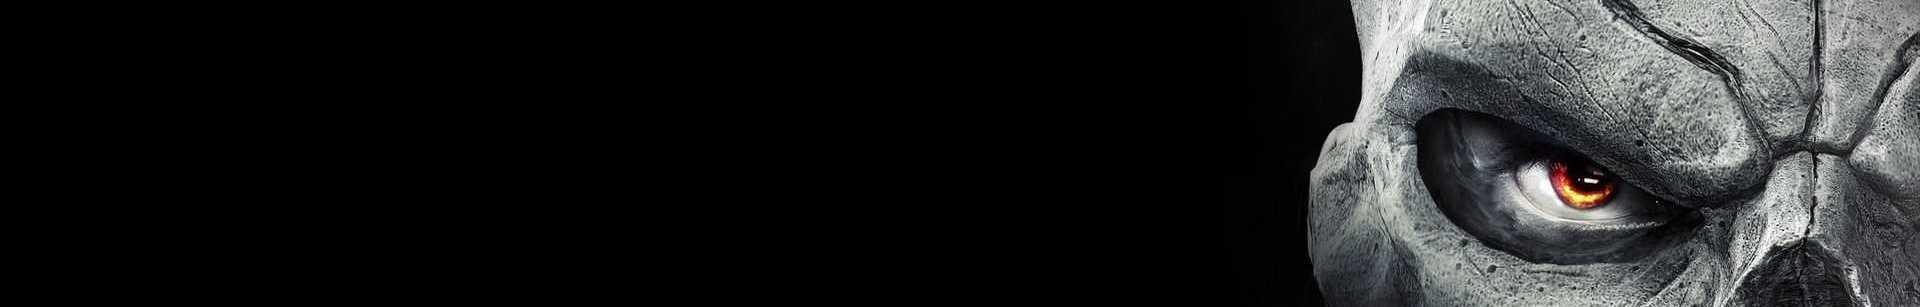 STPMP banner